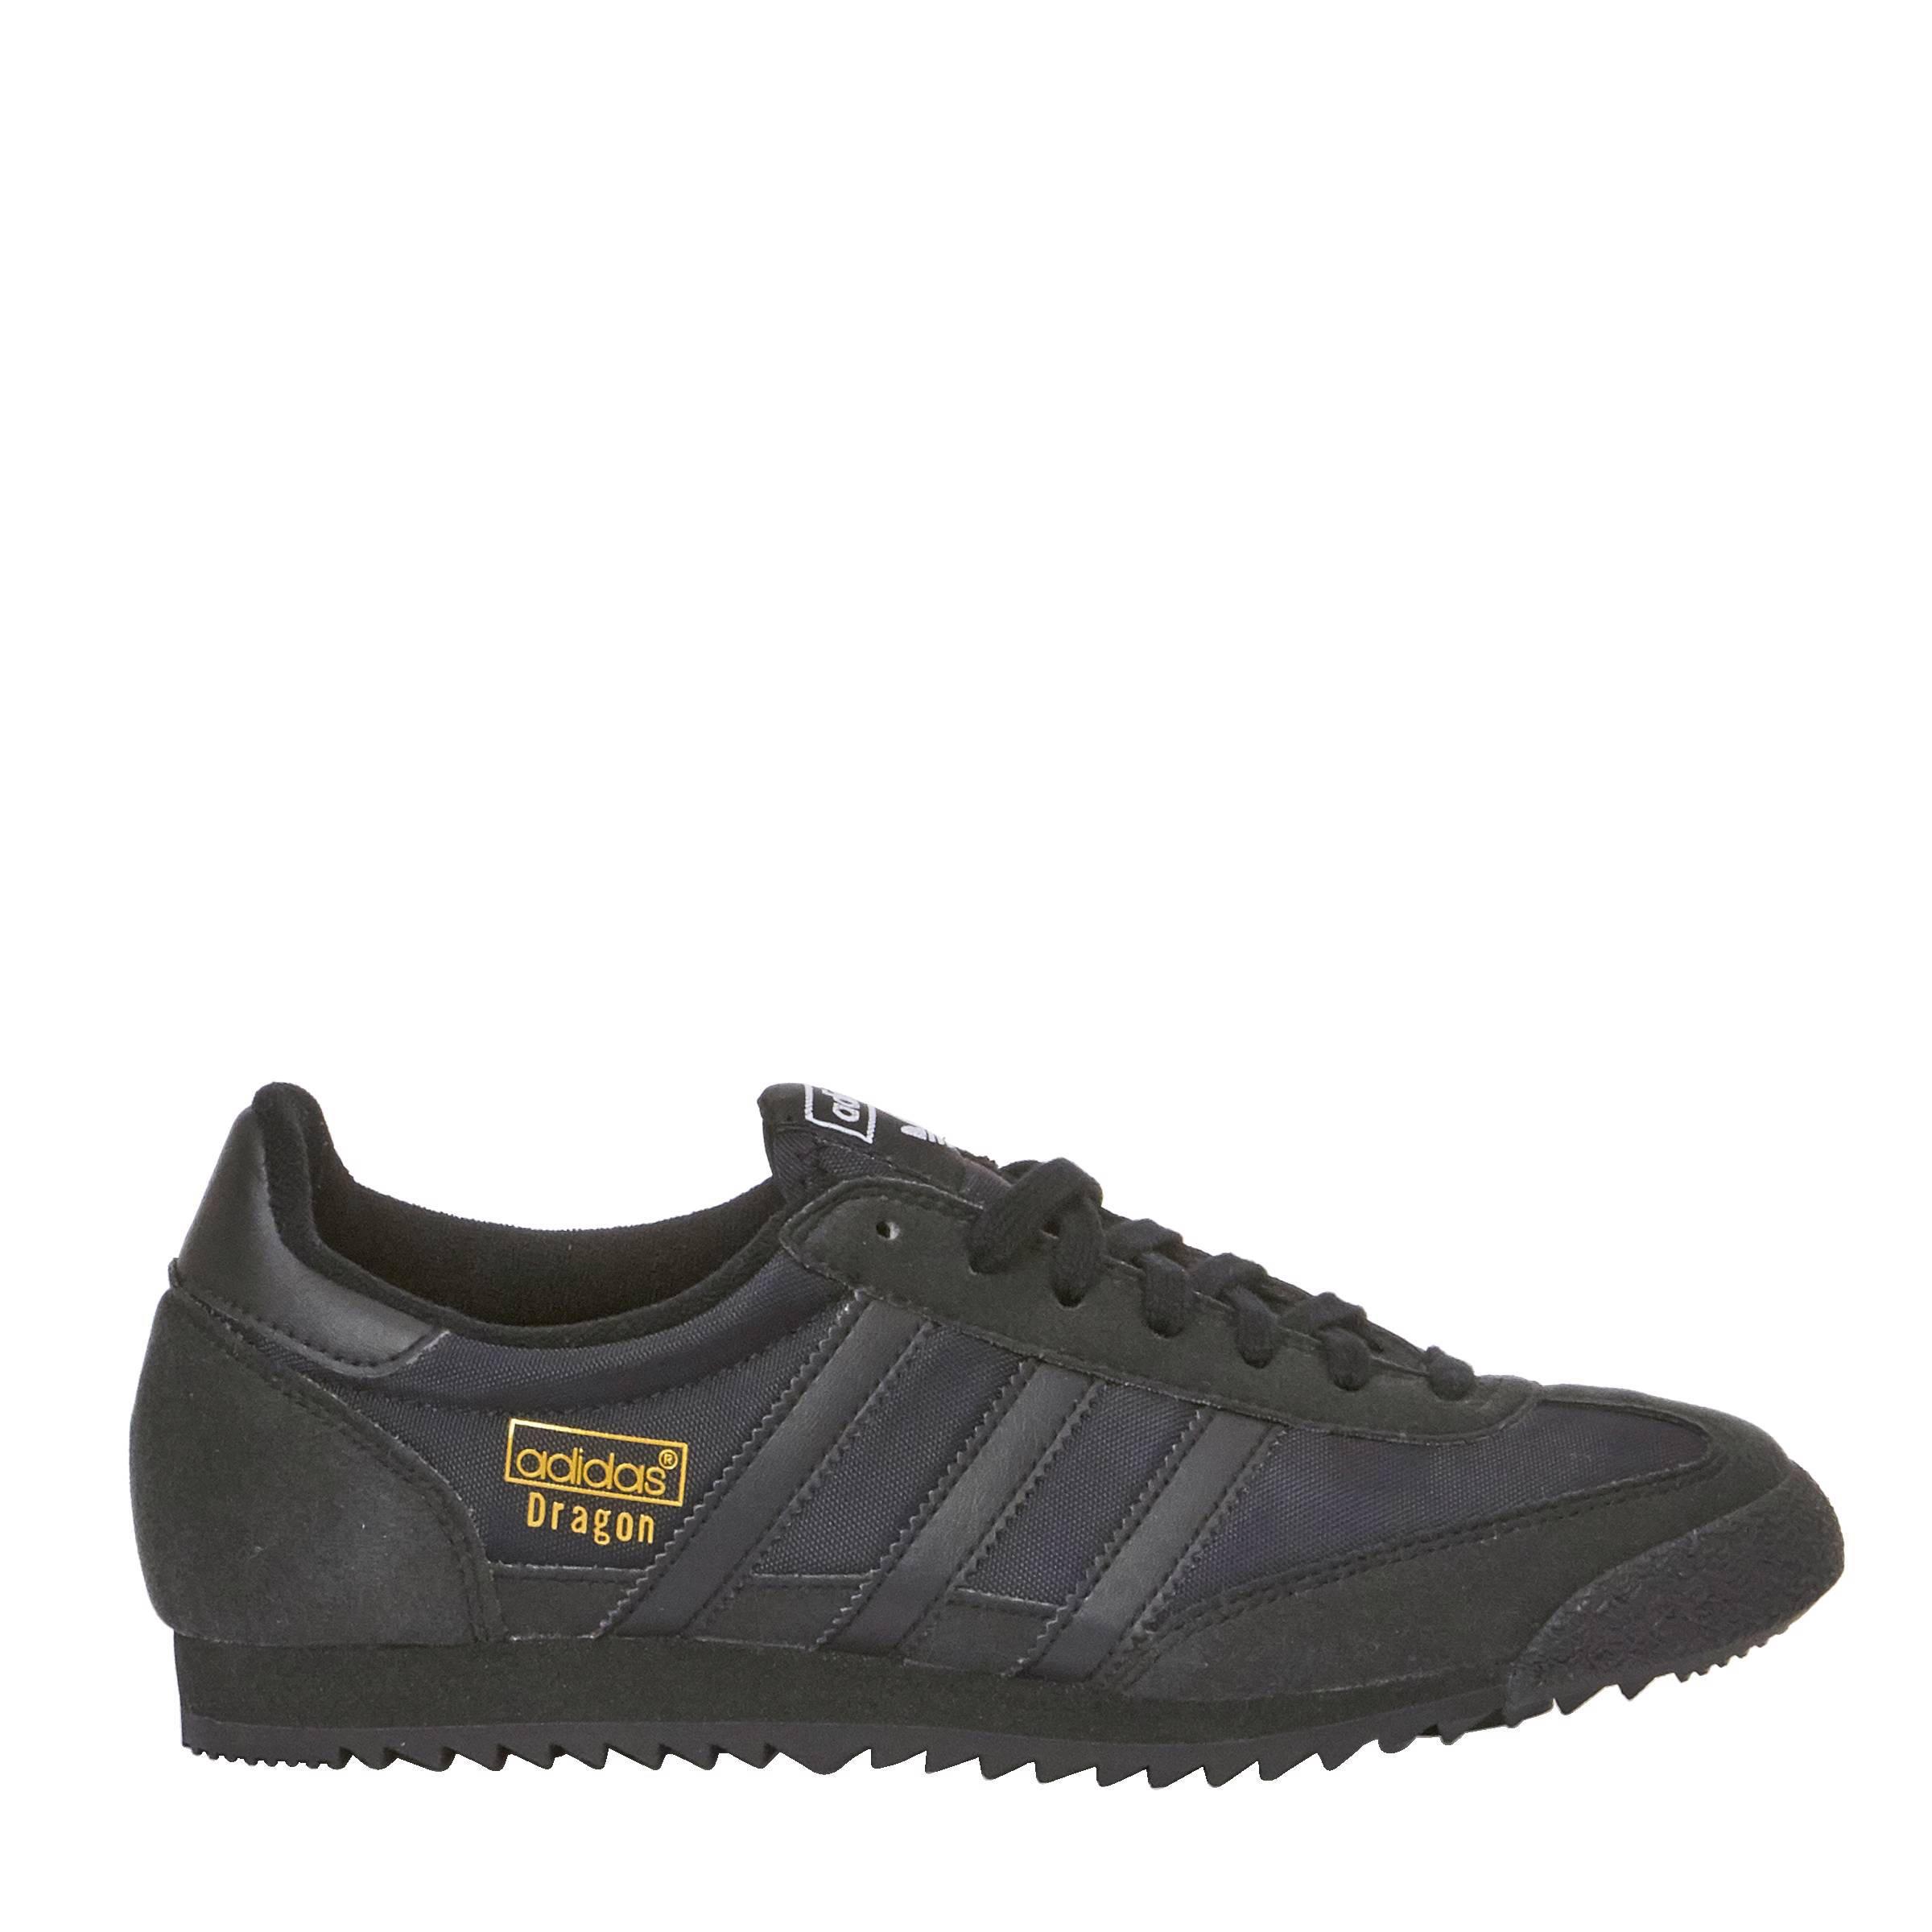 6de9e97463a adidas originals Dragon OG sneakers   wehkamp